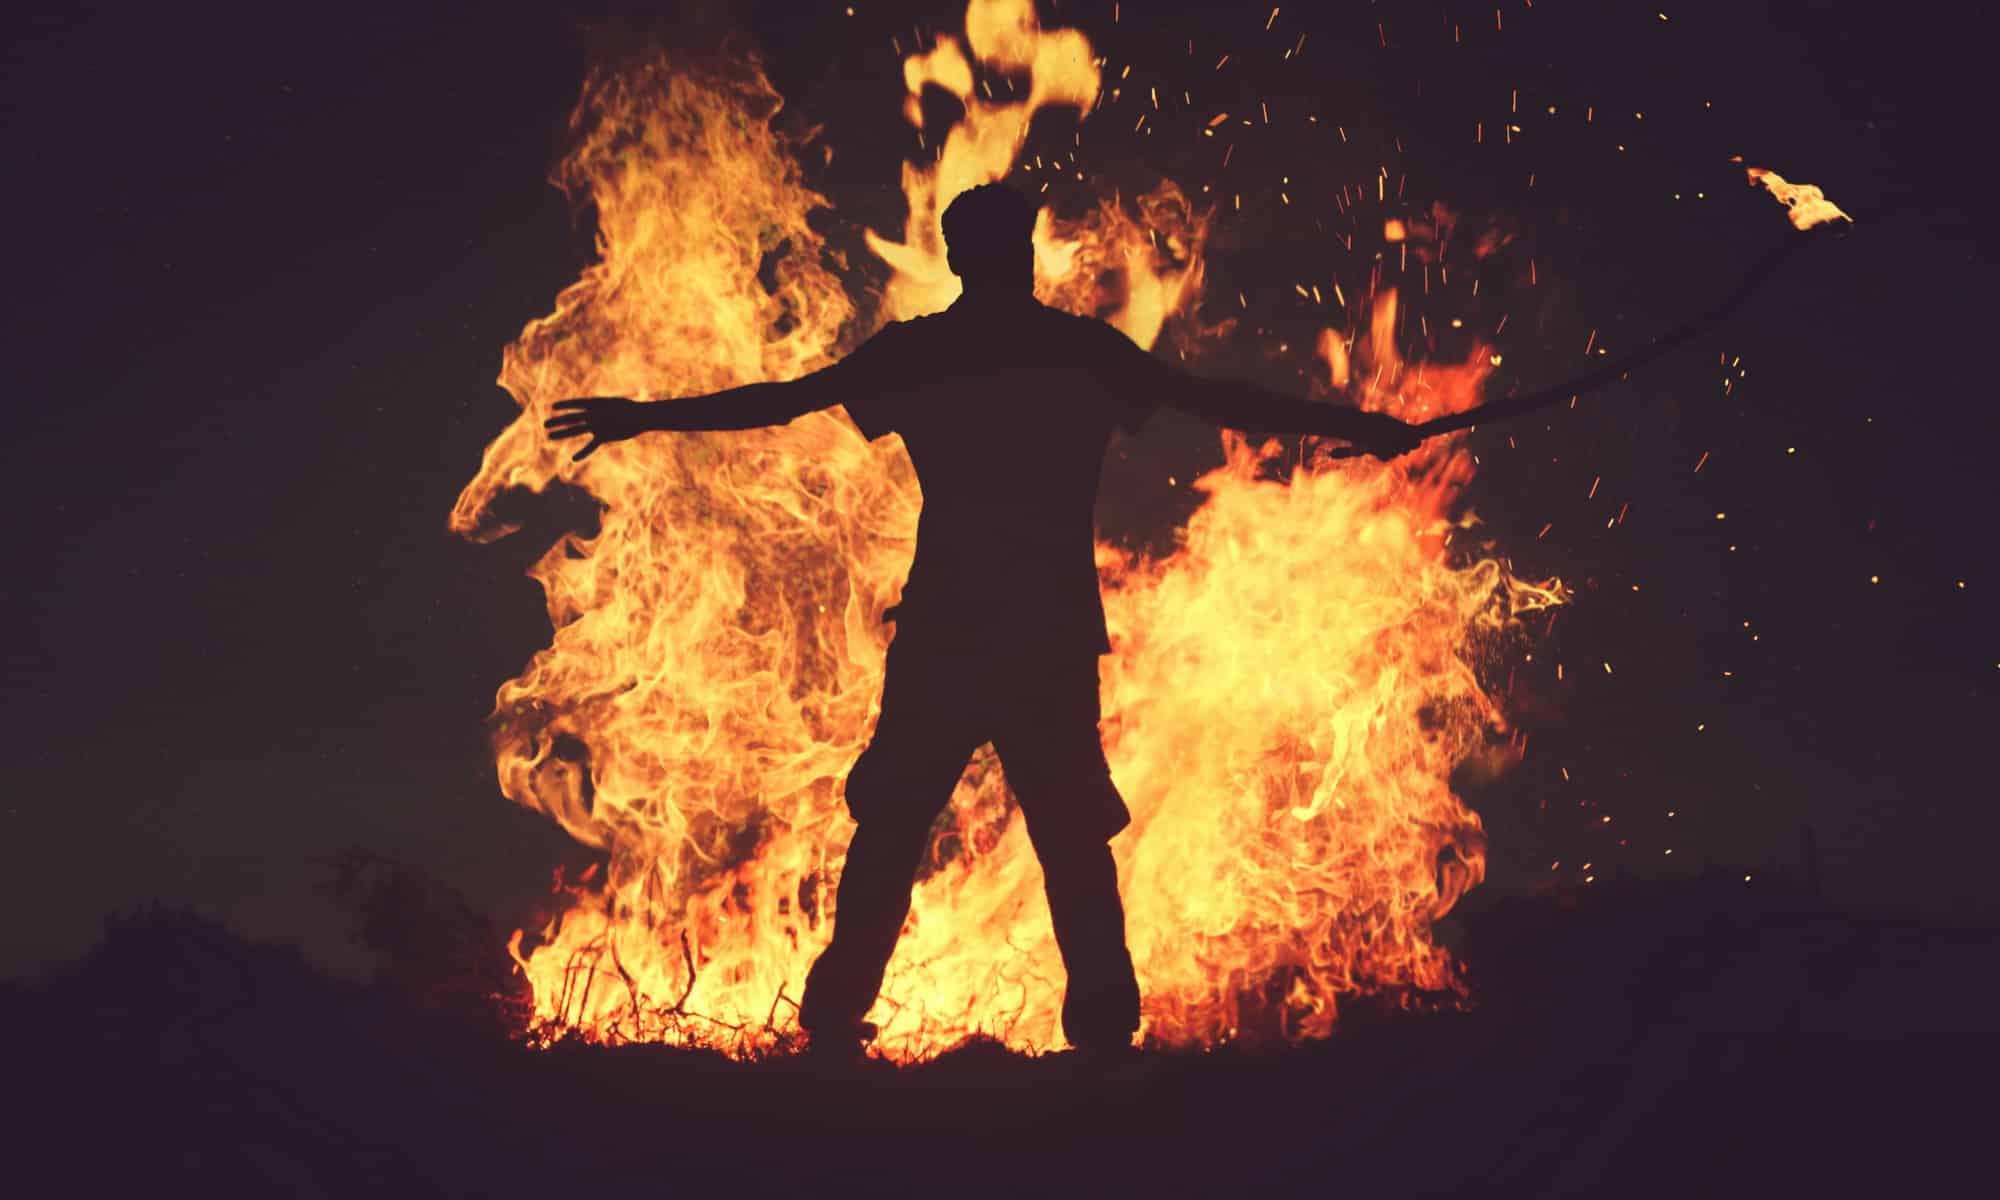 Очко горит огнем от страха, порно-в необычных местах